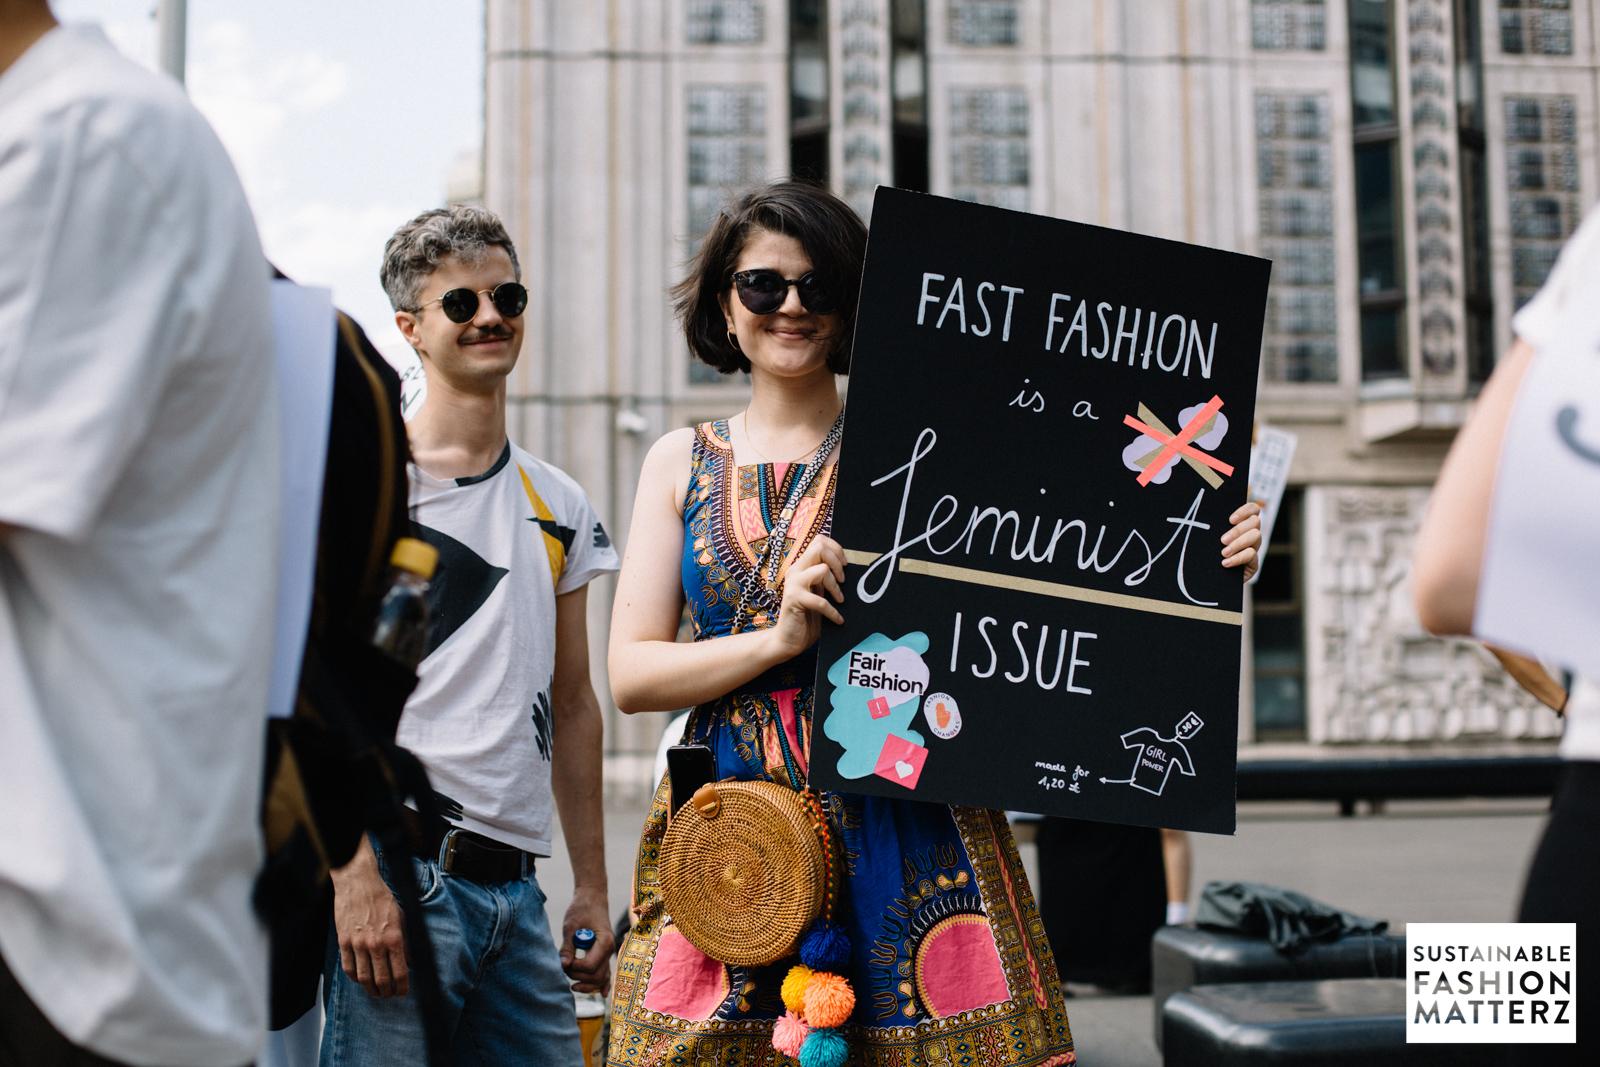 fashion-revolution-berlin-2019-29.jpg